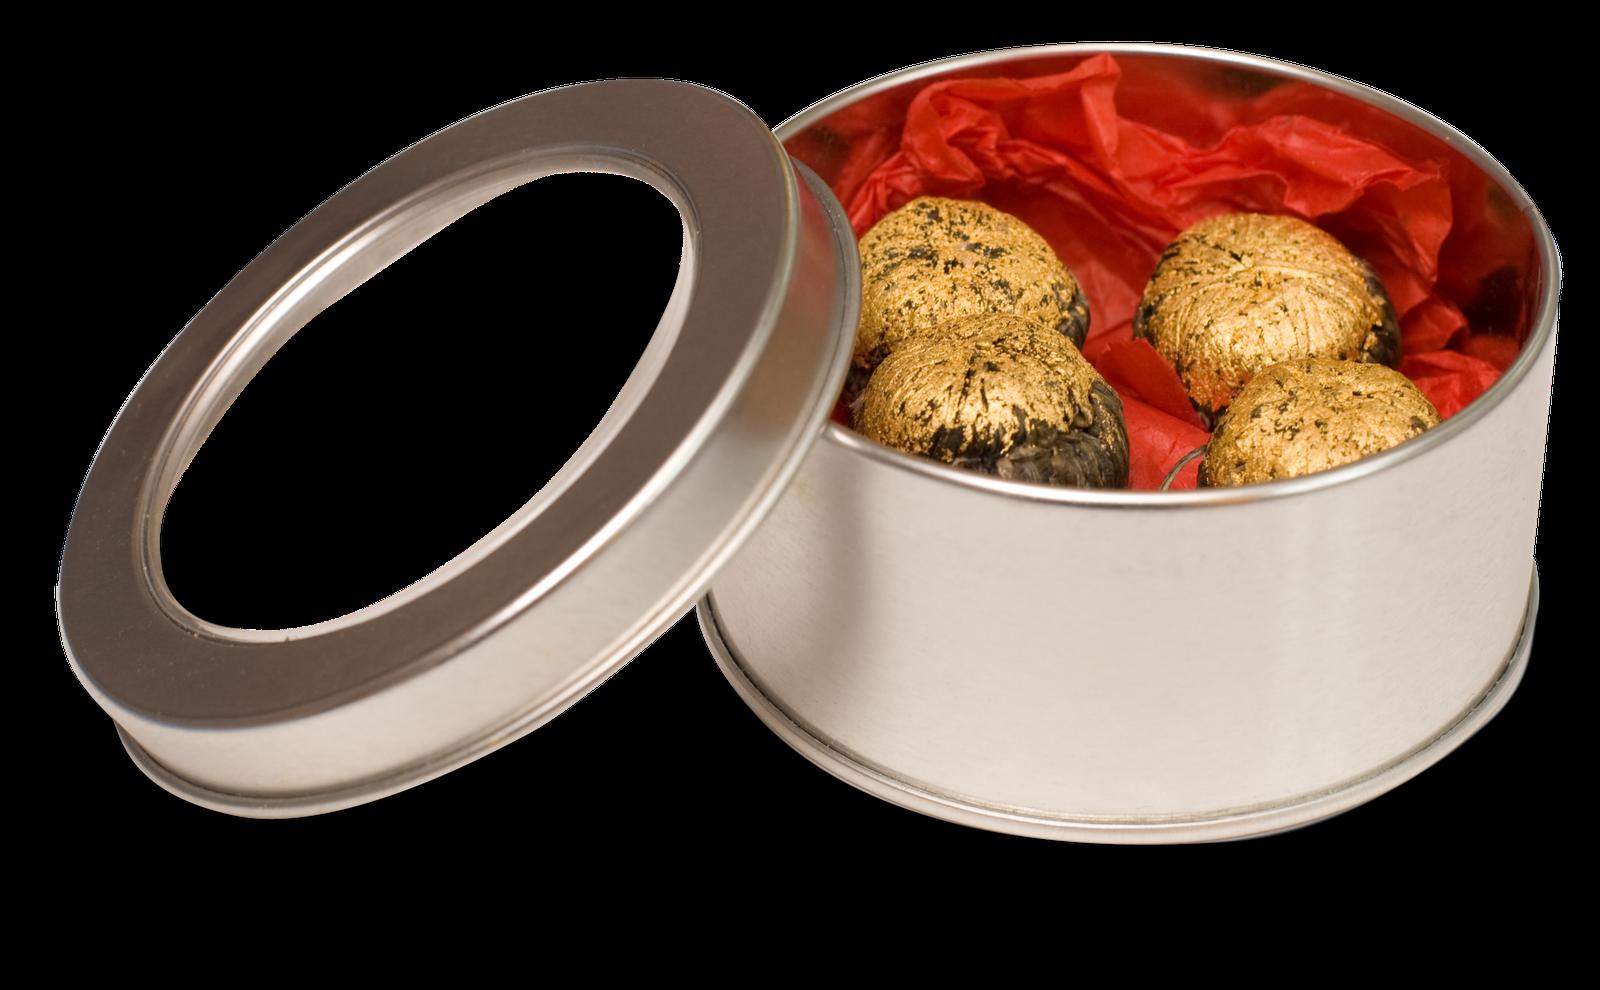 Caja de Bombones DeLafee - chocolate suizo y oro